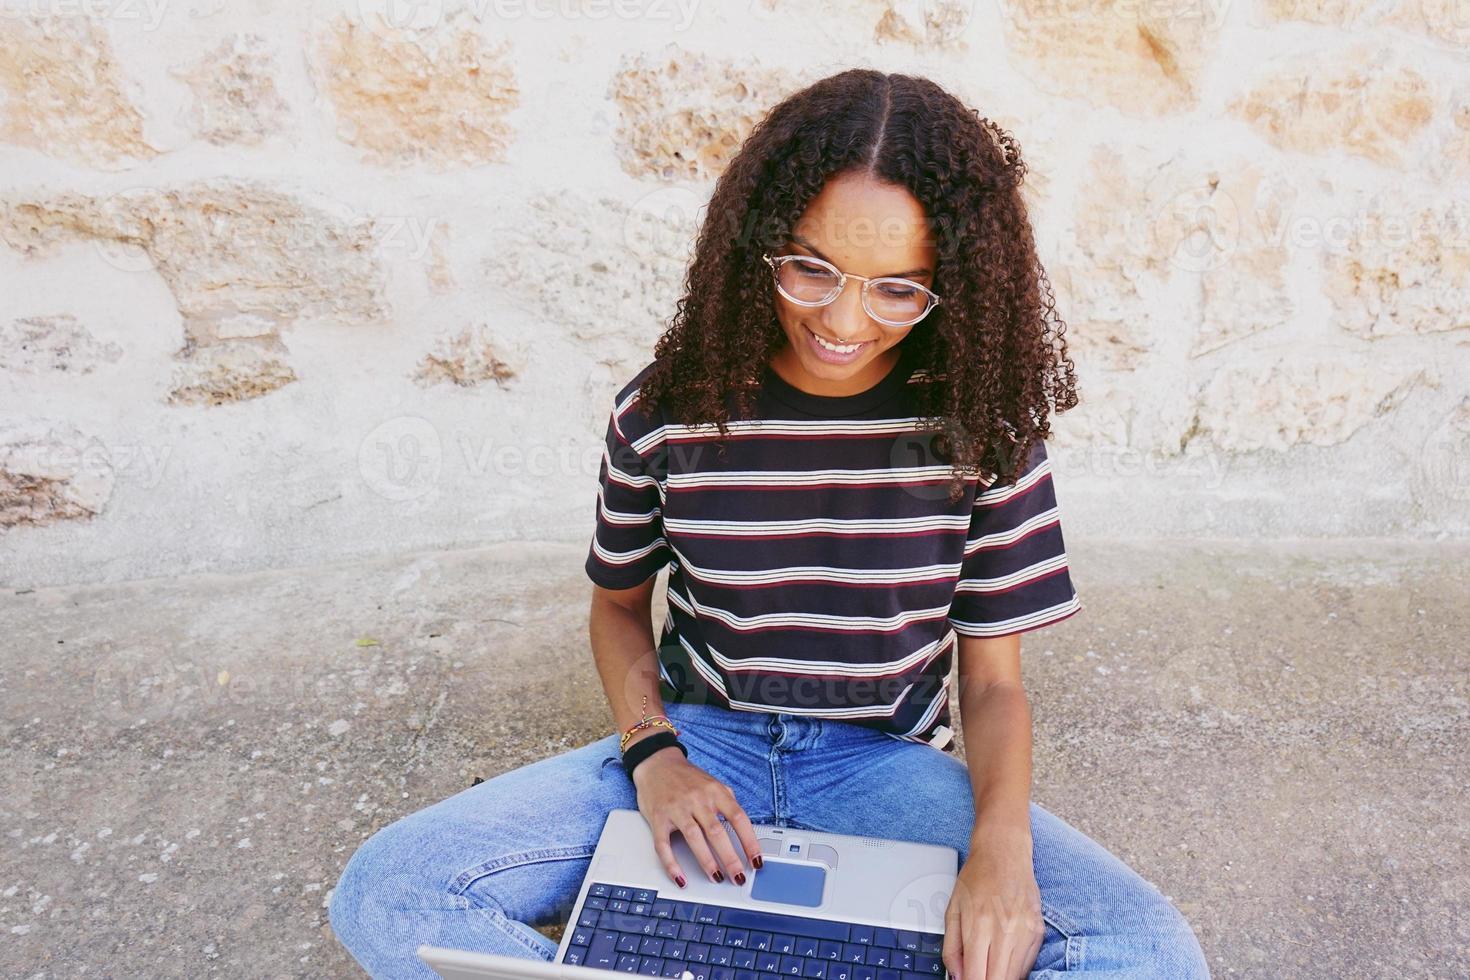 Un retrato de una mujer negra joven y sonriente feliz con el pelo rizado con gafas, jeans y una camiseta a rayas, sentada en el suelo y trabajando o haciendo la tarea foto